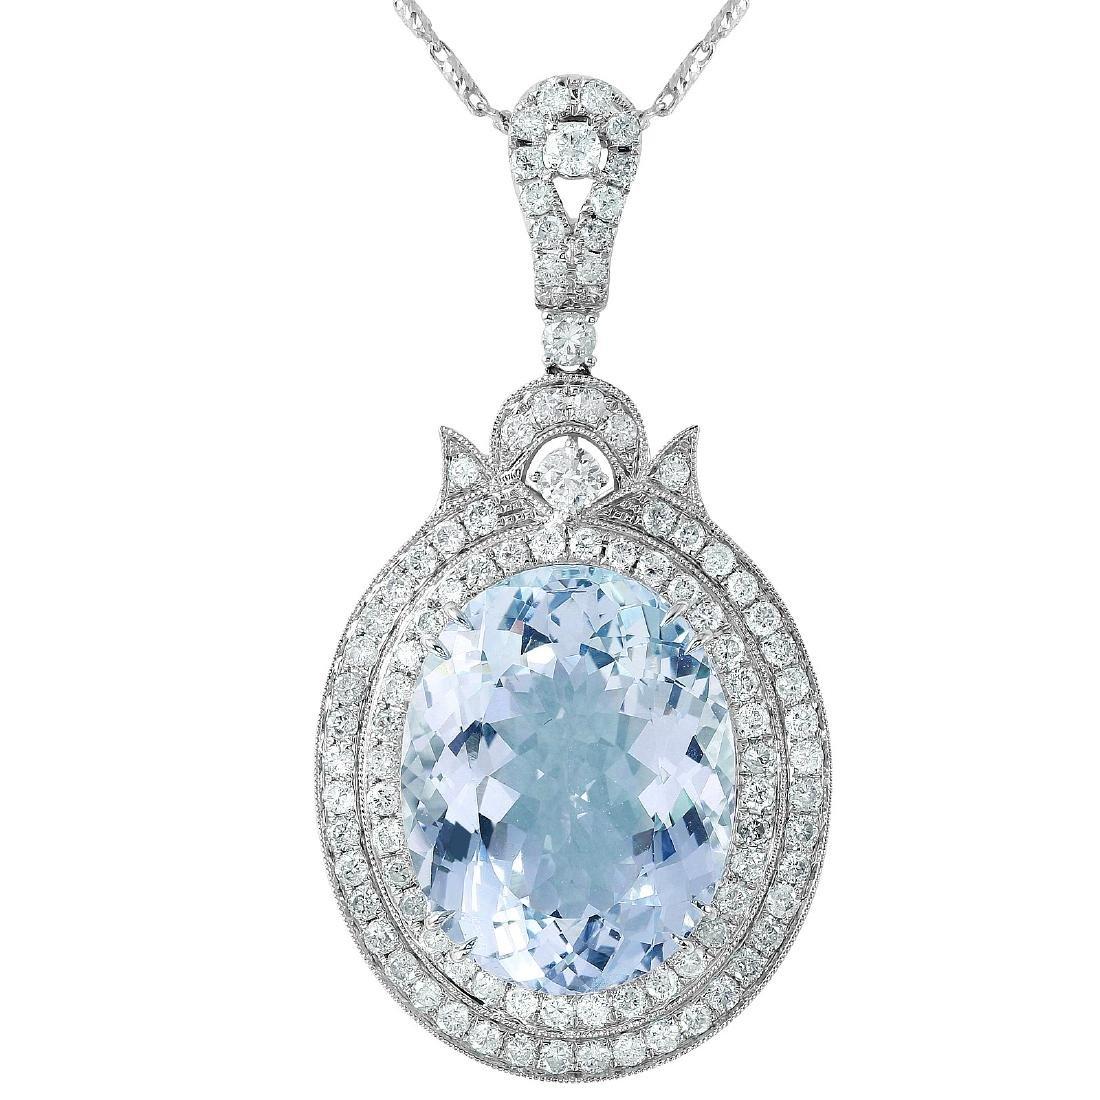 14KT White Gold Aquamarine & Diamond Necklace